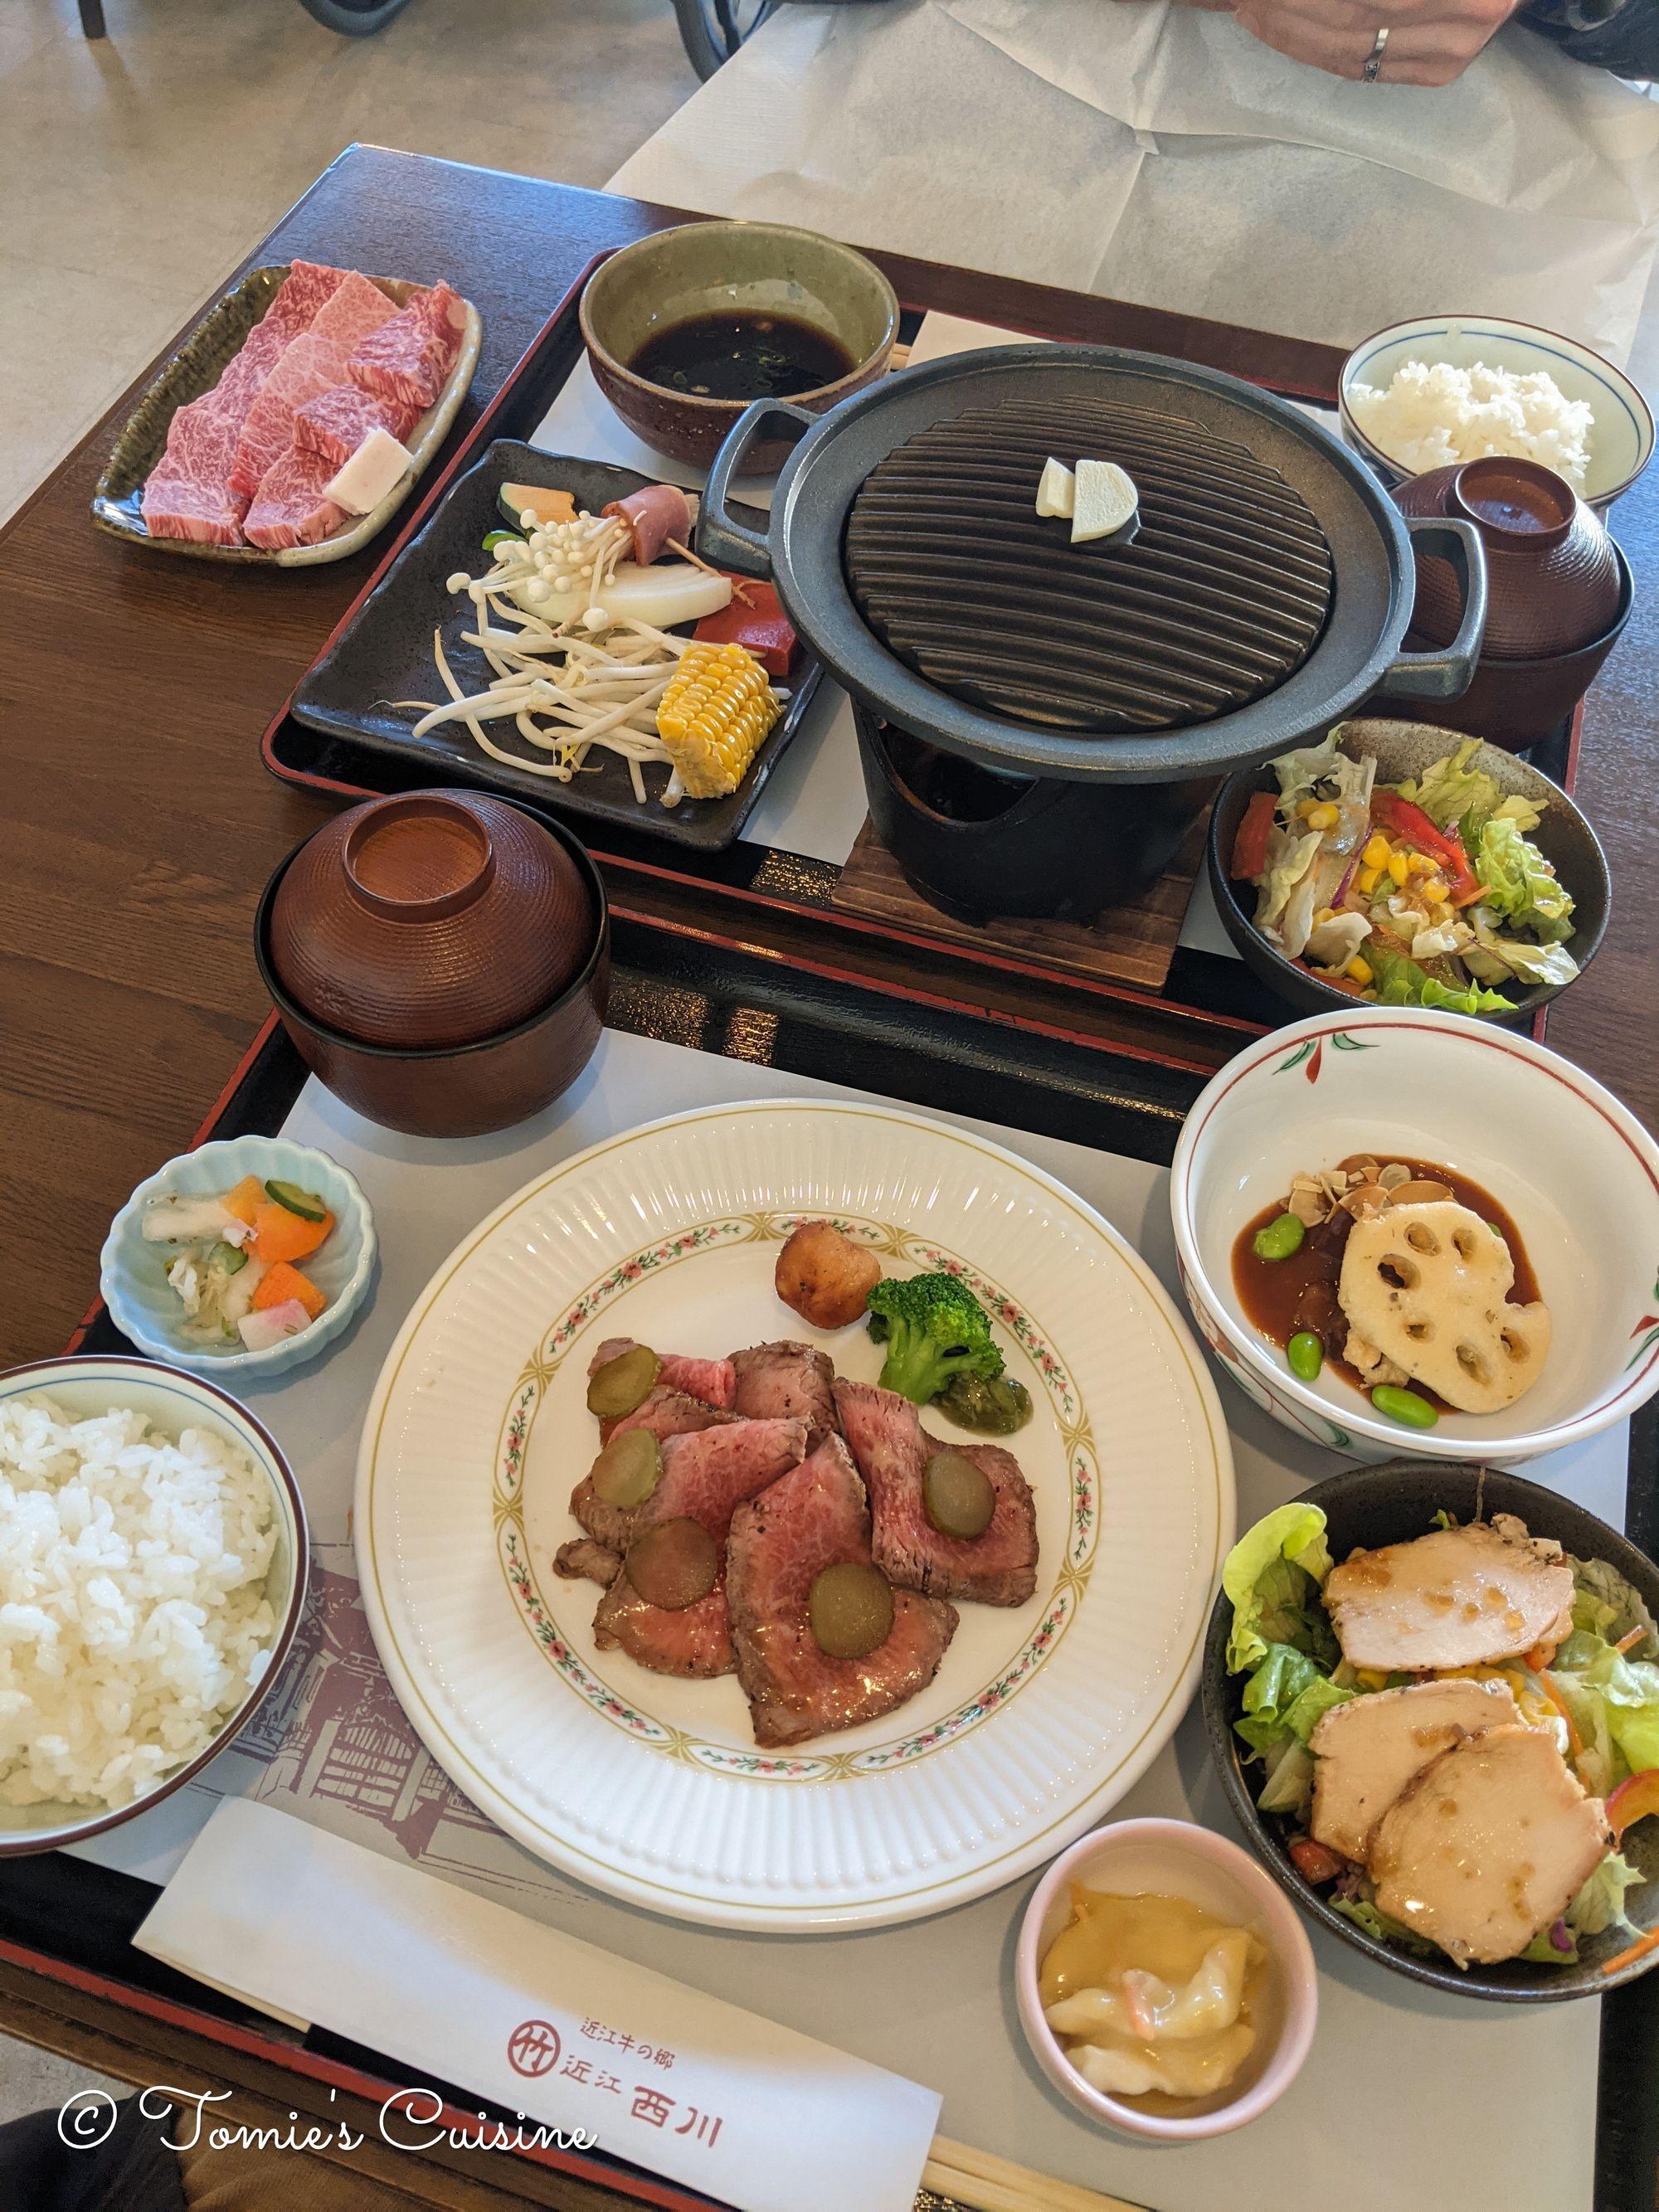 Omi beef lunch set at Marutake Nishikawa